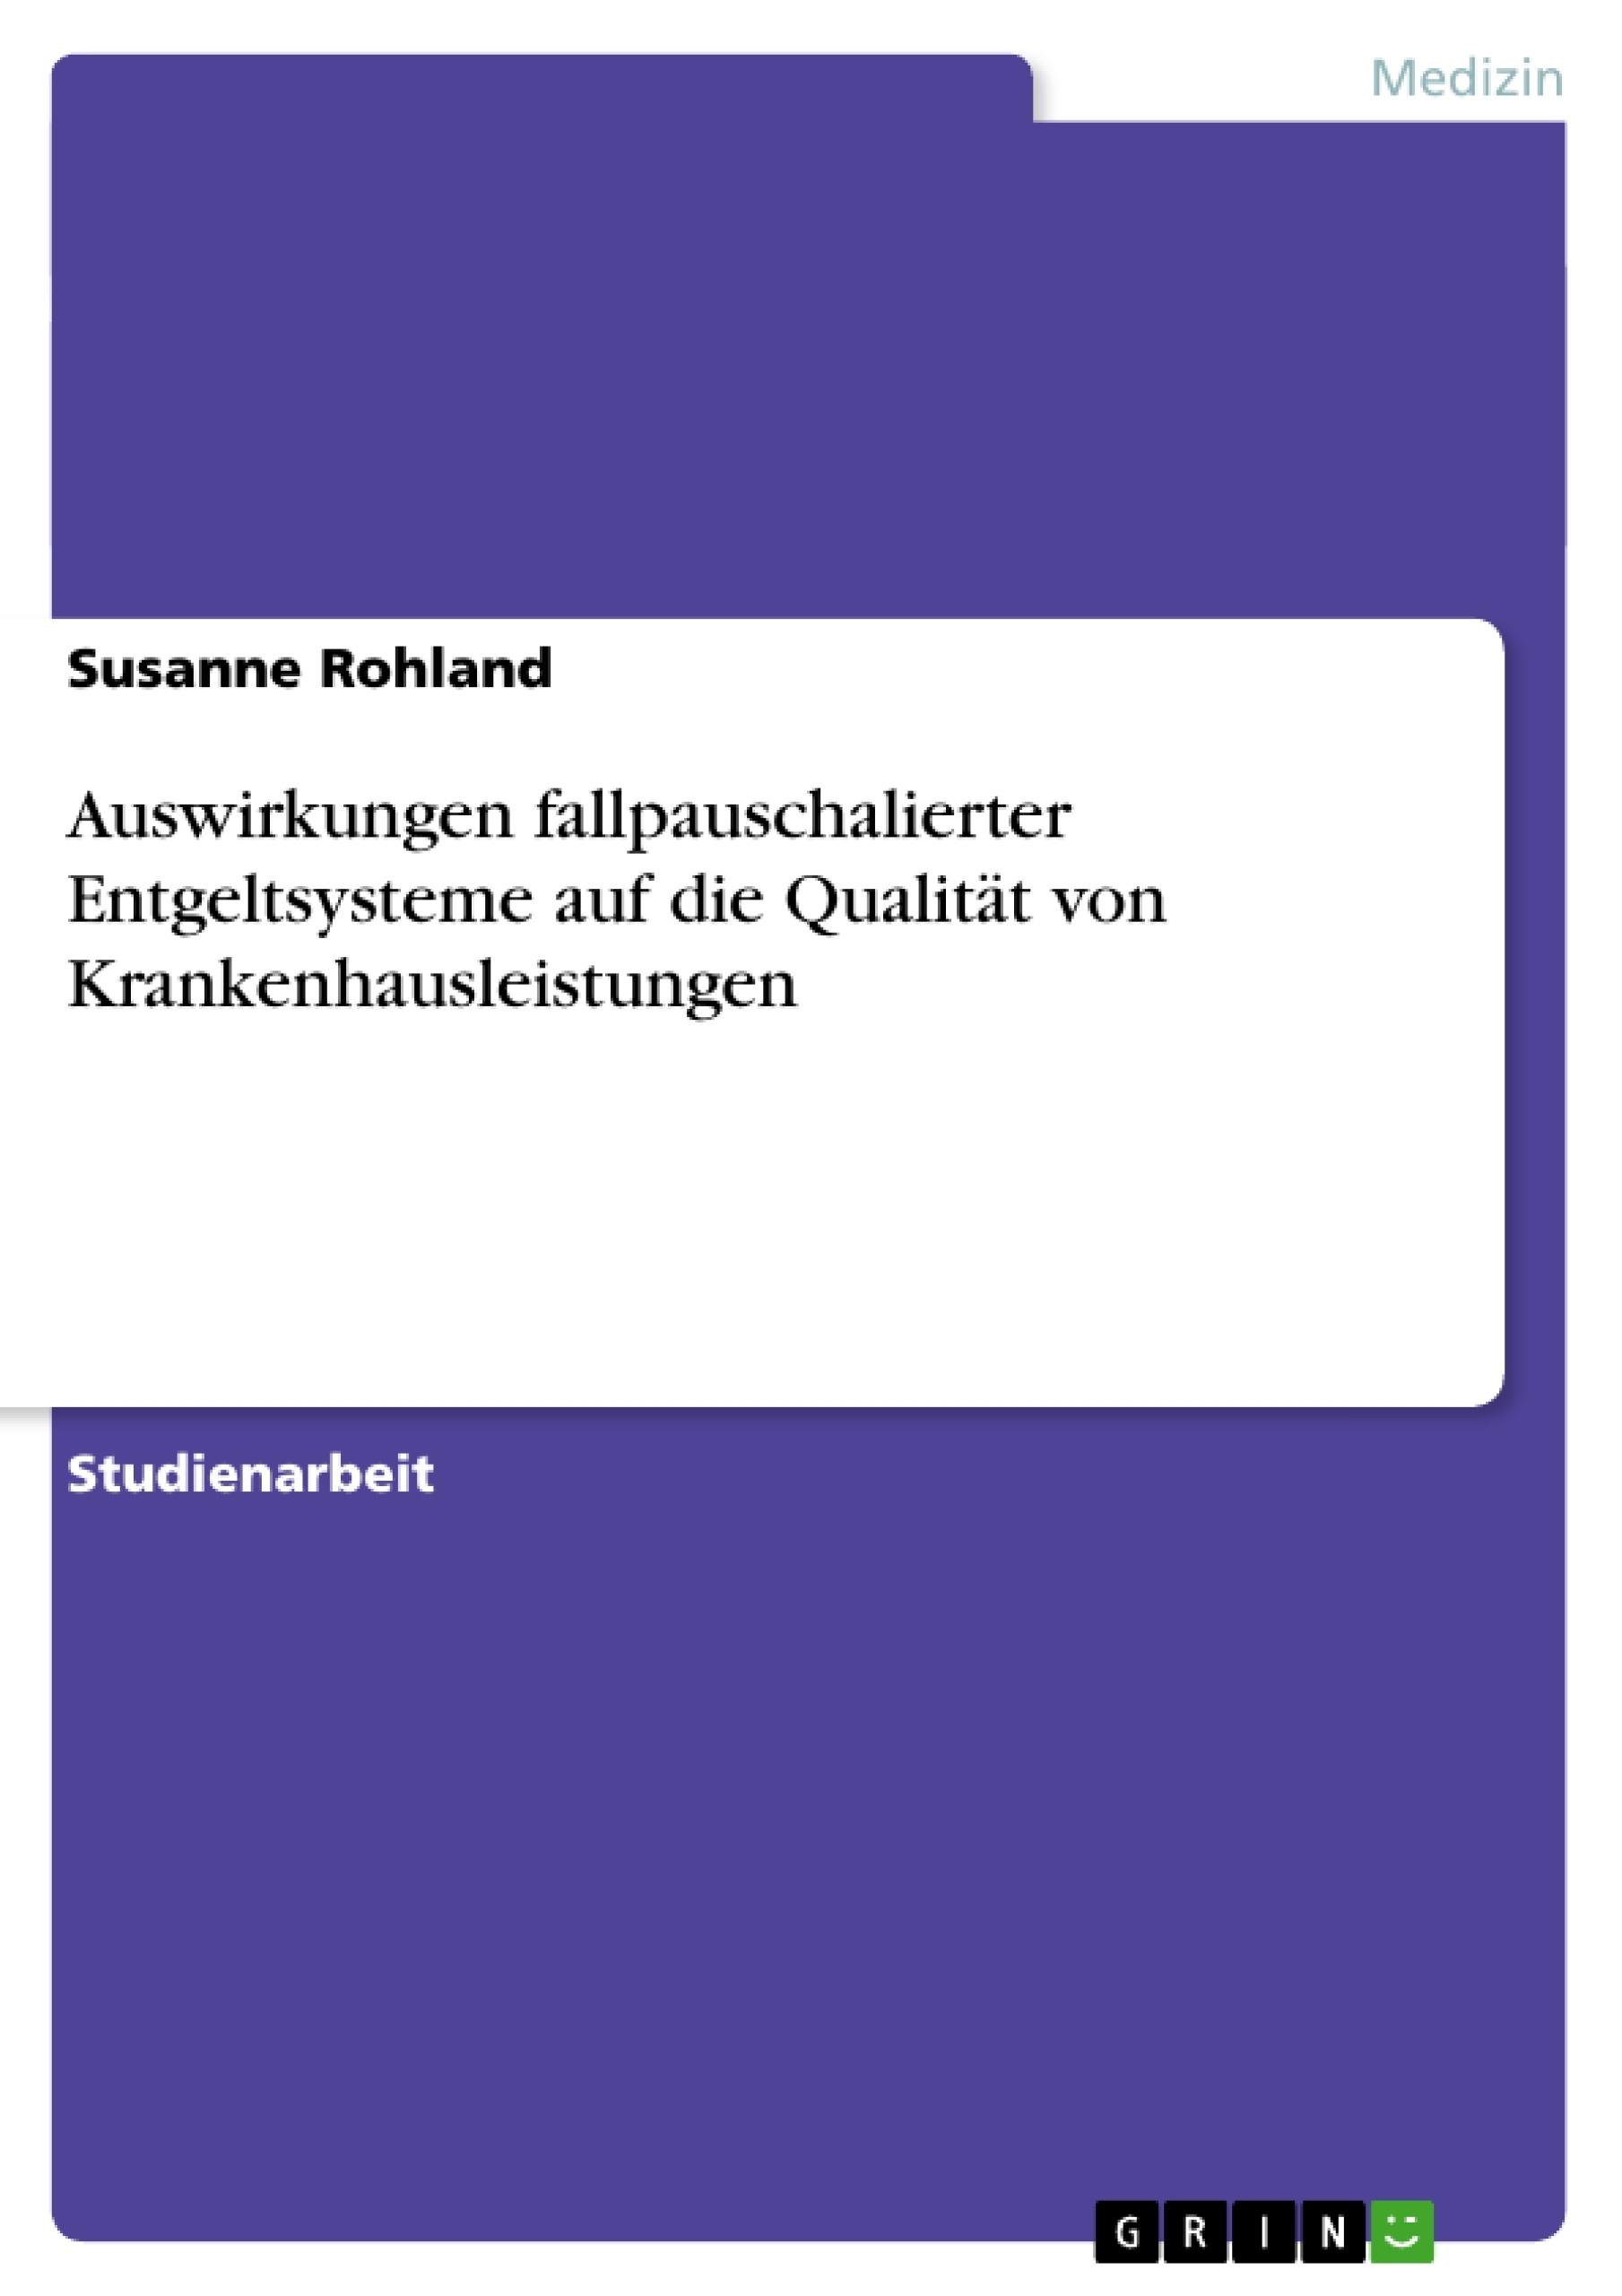 Titel: Auswirkungen fallpauschalierter Entgeltsysteme auf die Qualität von Krankenhausleistungen